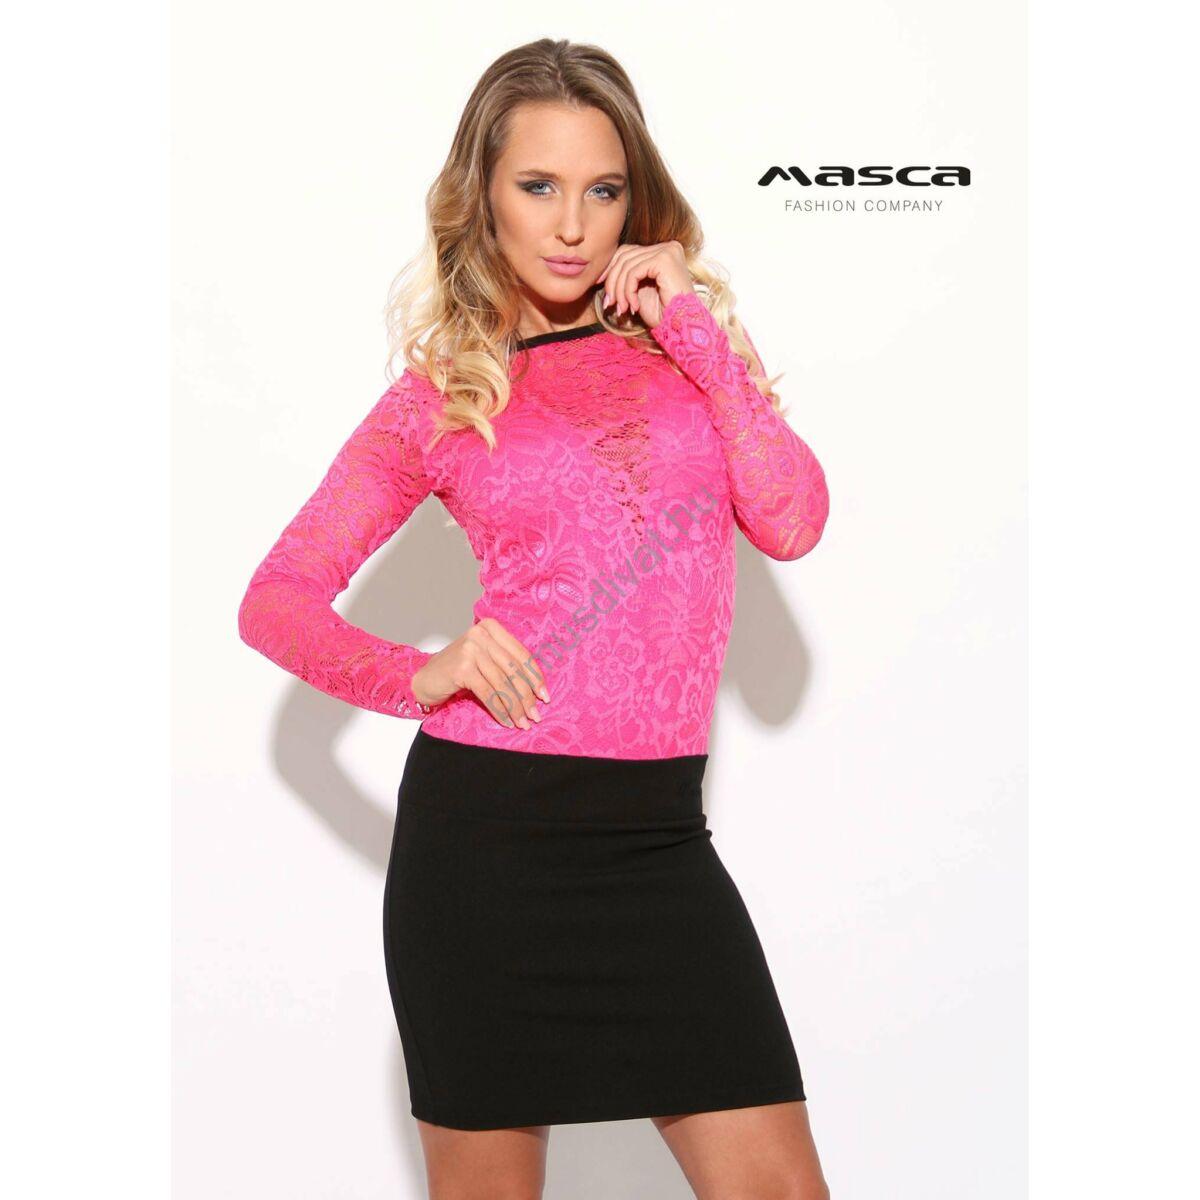 ccb573c801 Kép 1/1 - Masca Fashion csónaknyakú, pink csipkés felsőrészű hosszú ujjú  alkalmi miniruha, fekete aljjal